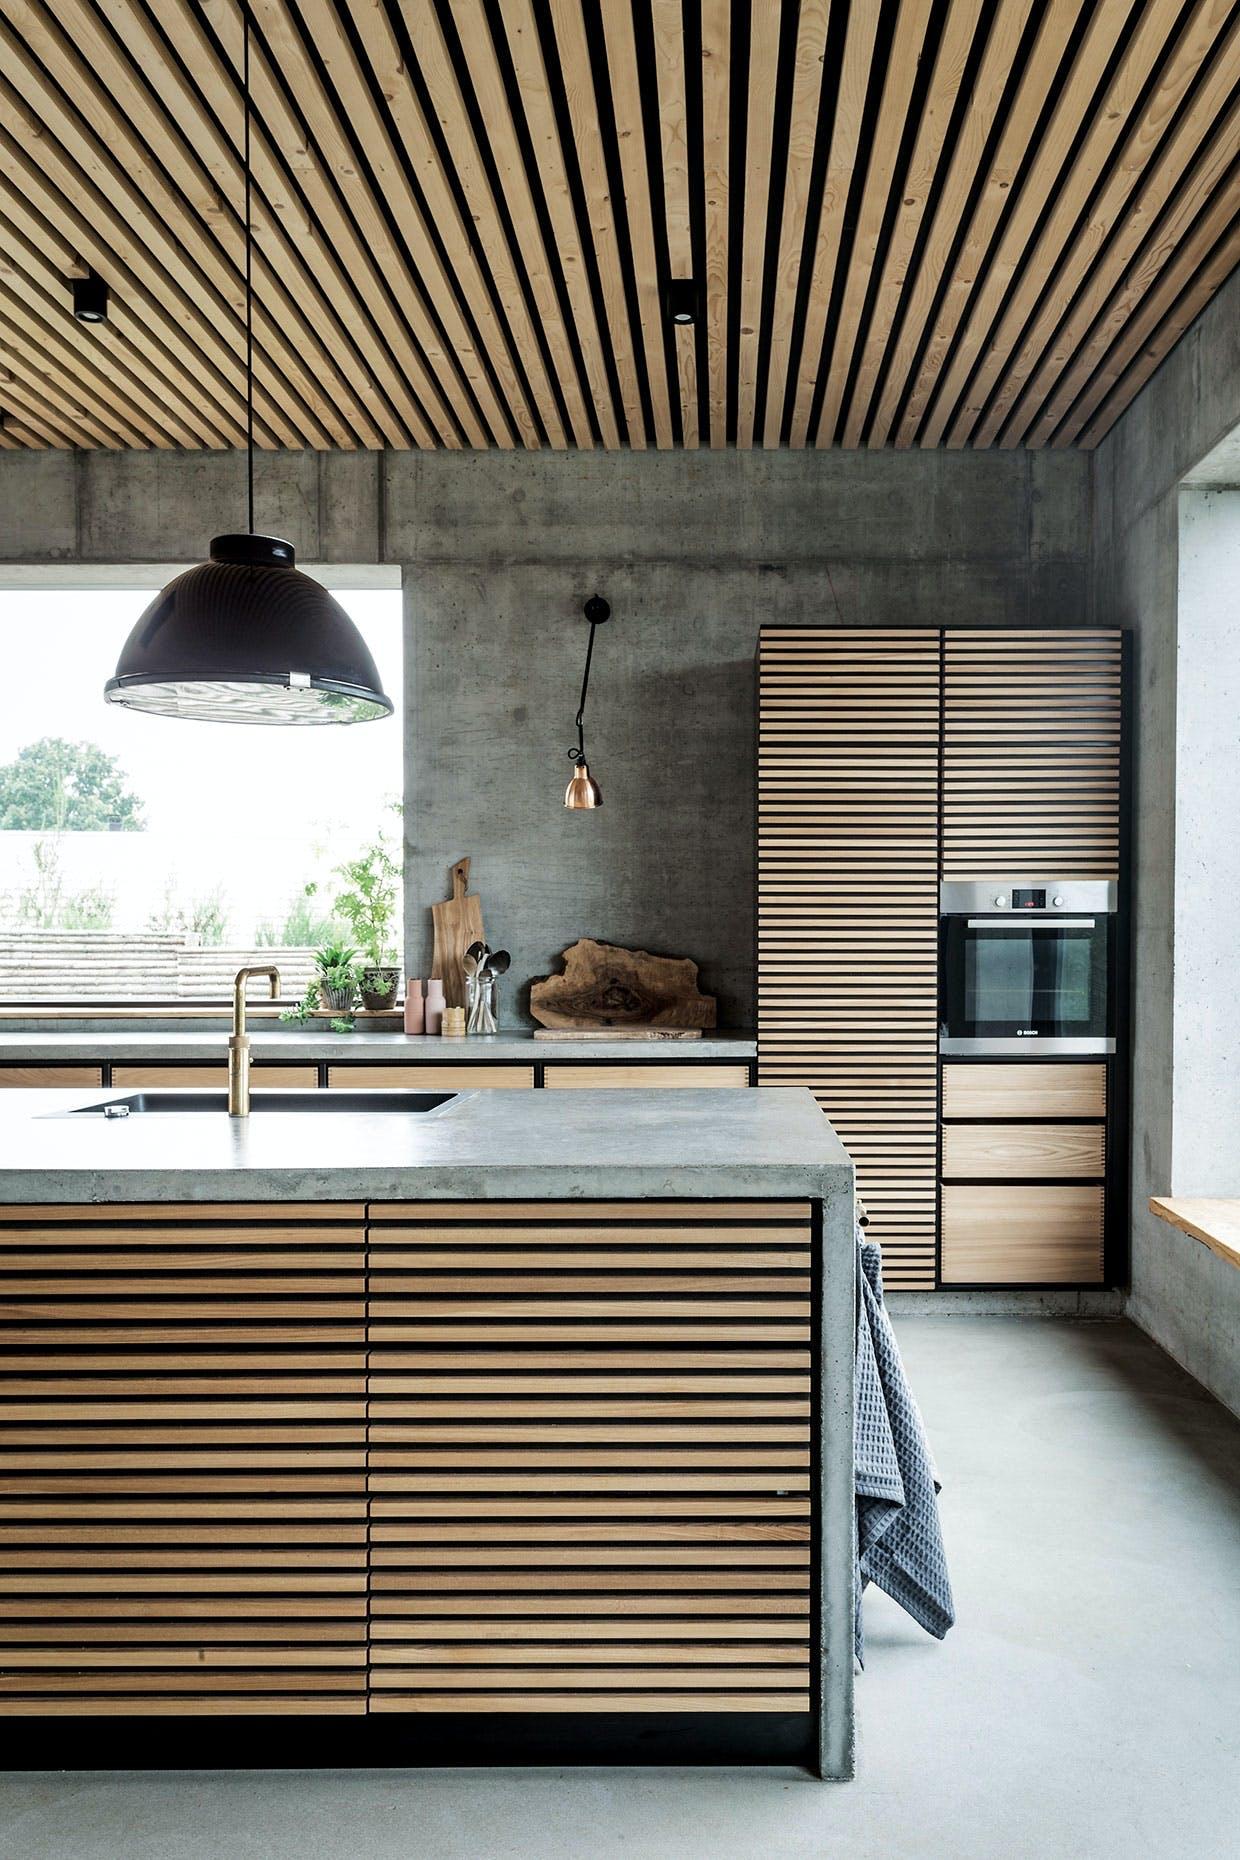 køkkenø beton træ skærebræt vandhane